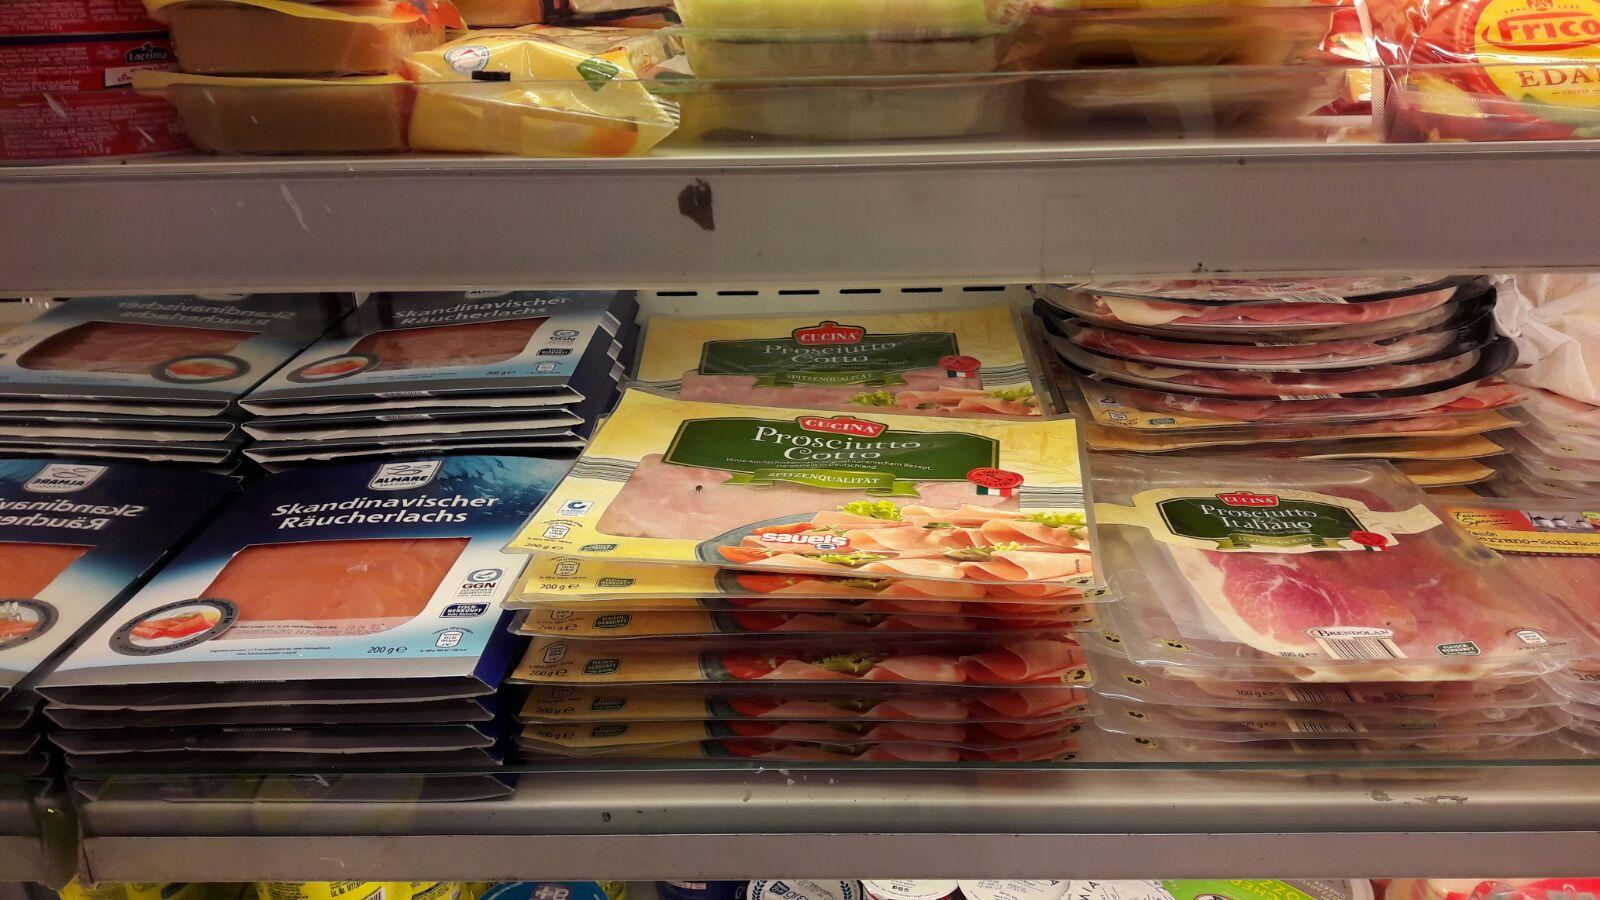 Aldi-Produkte im indischen Supermarkt